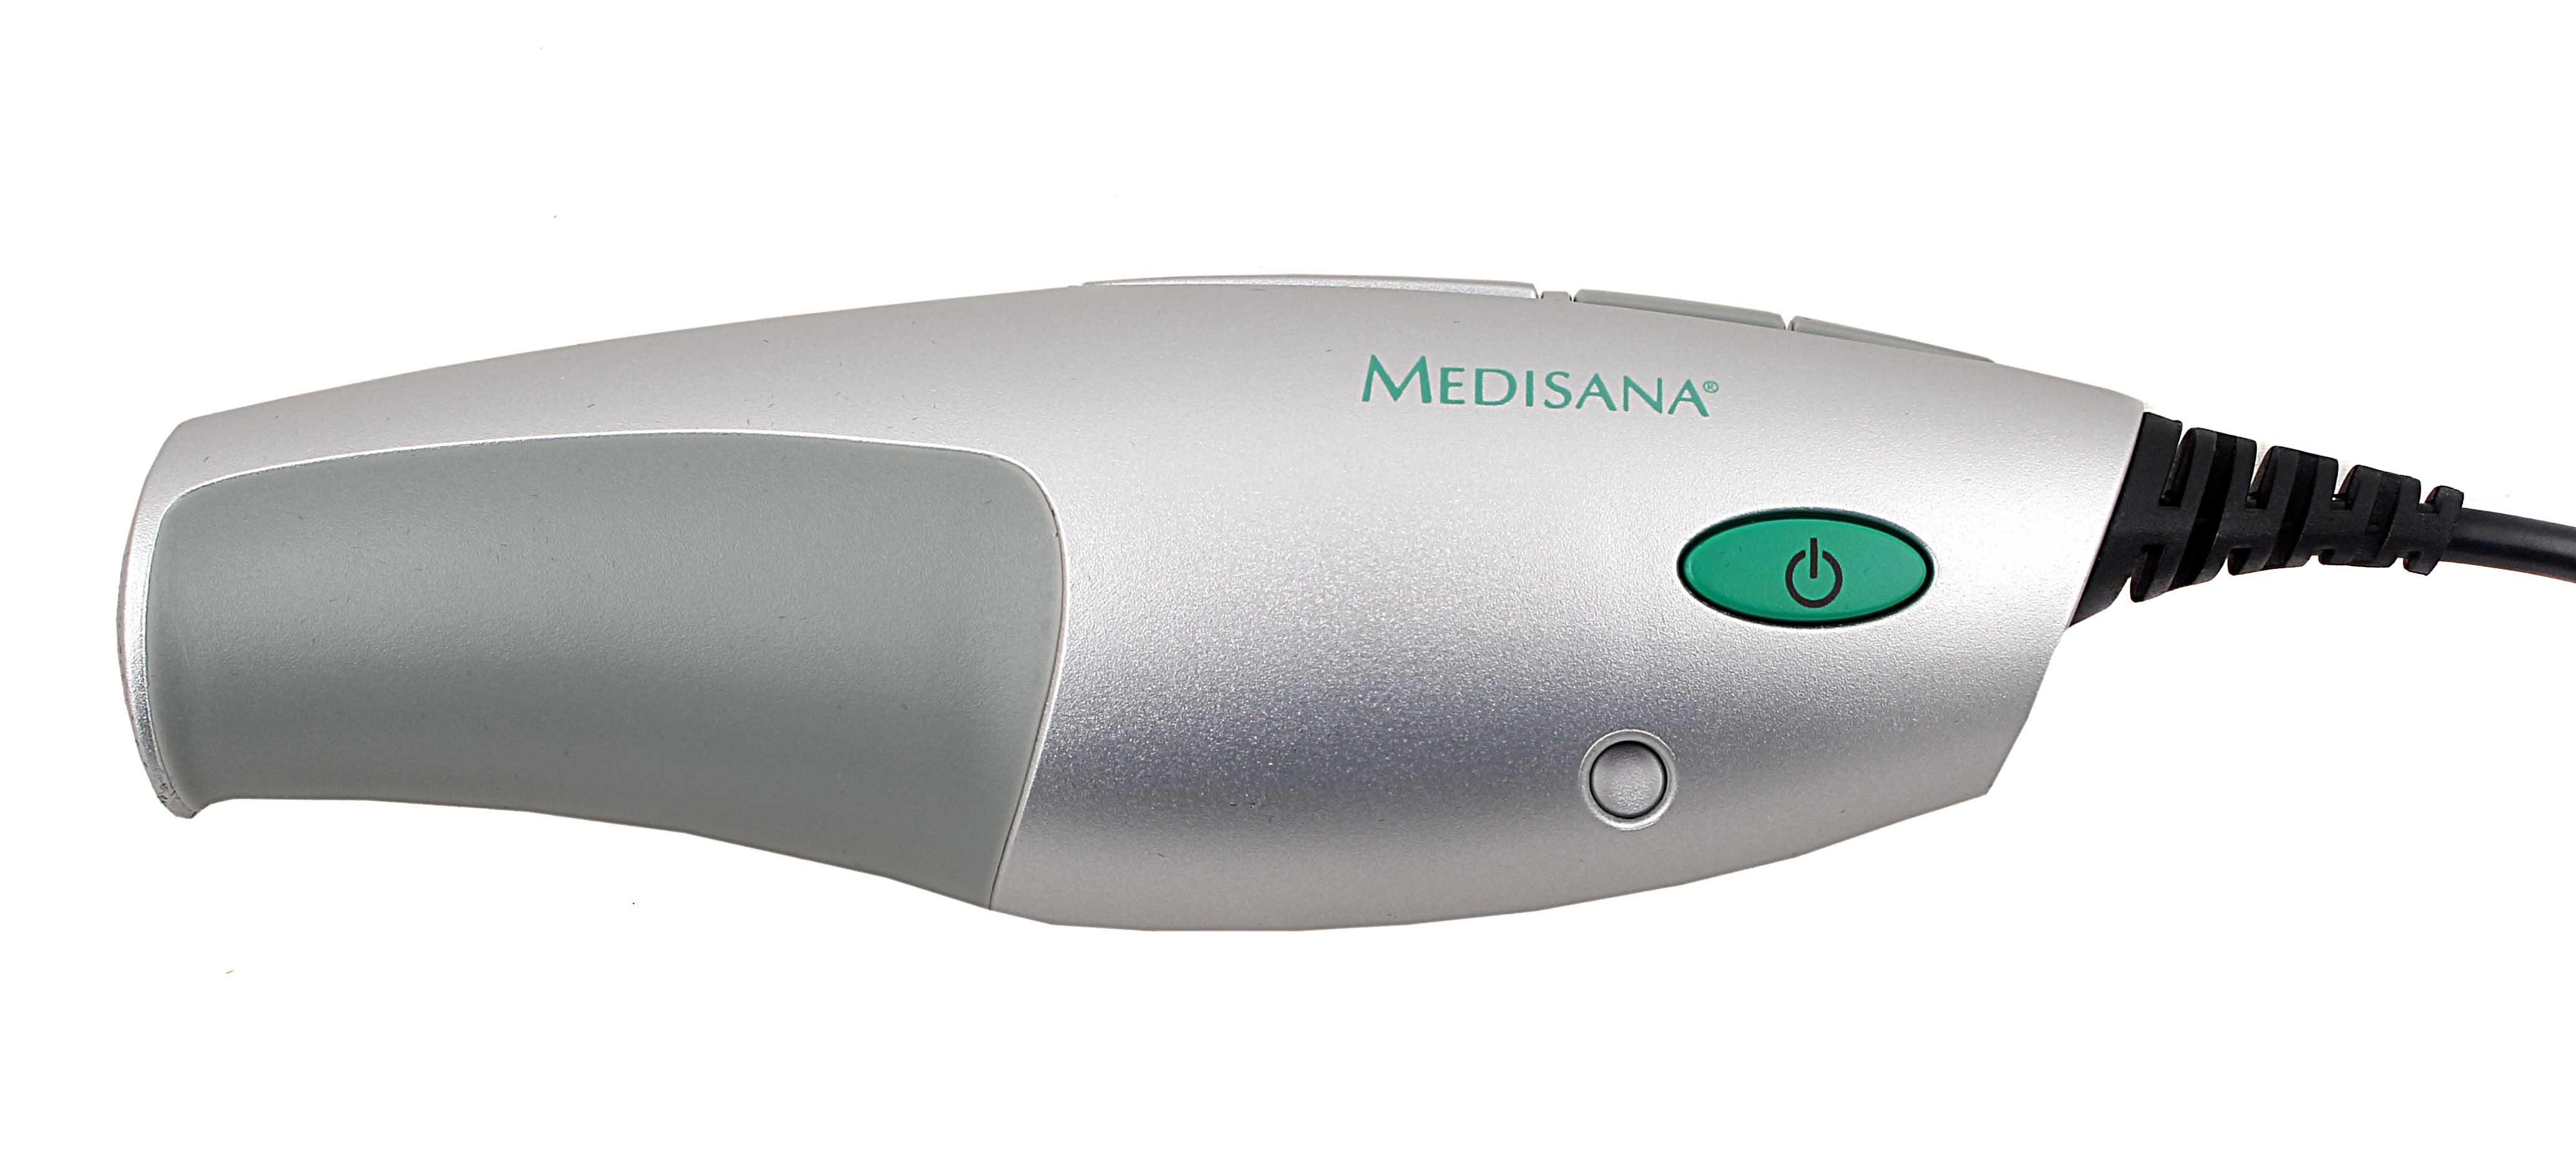 Маникюрные наборы Medisana Real Brand Technics 3990.000